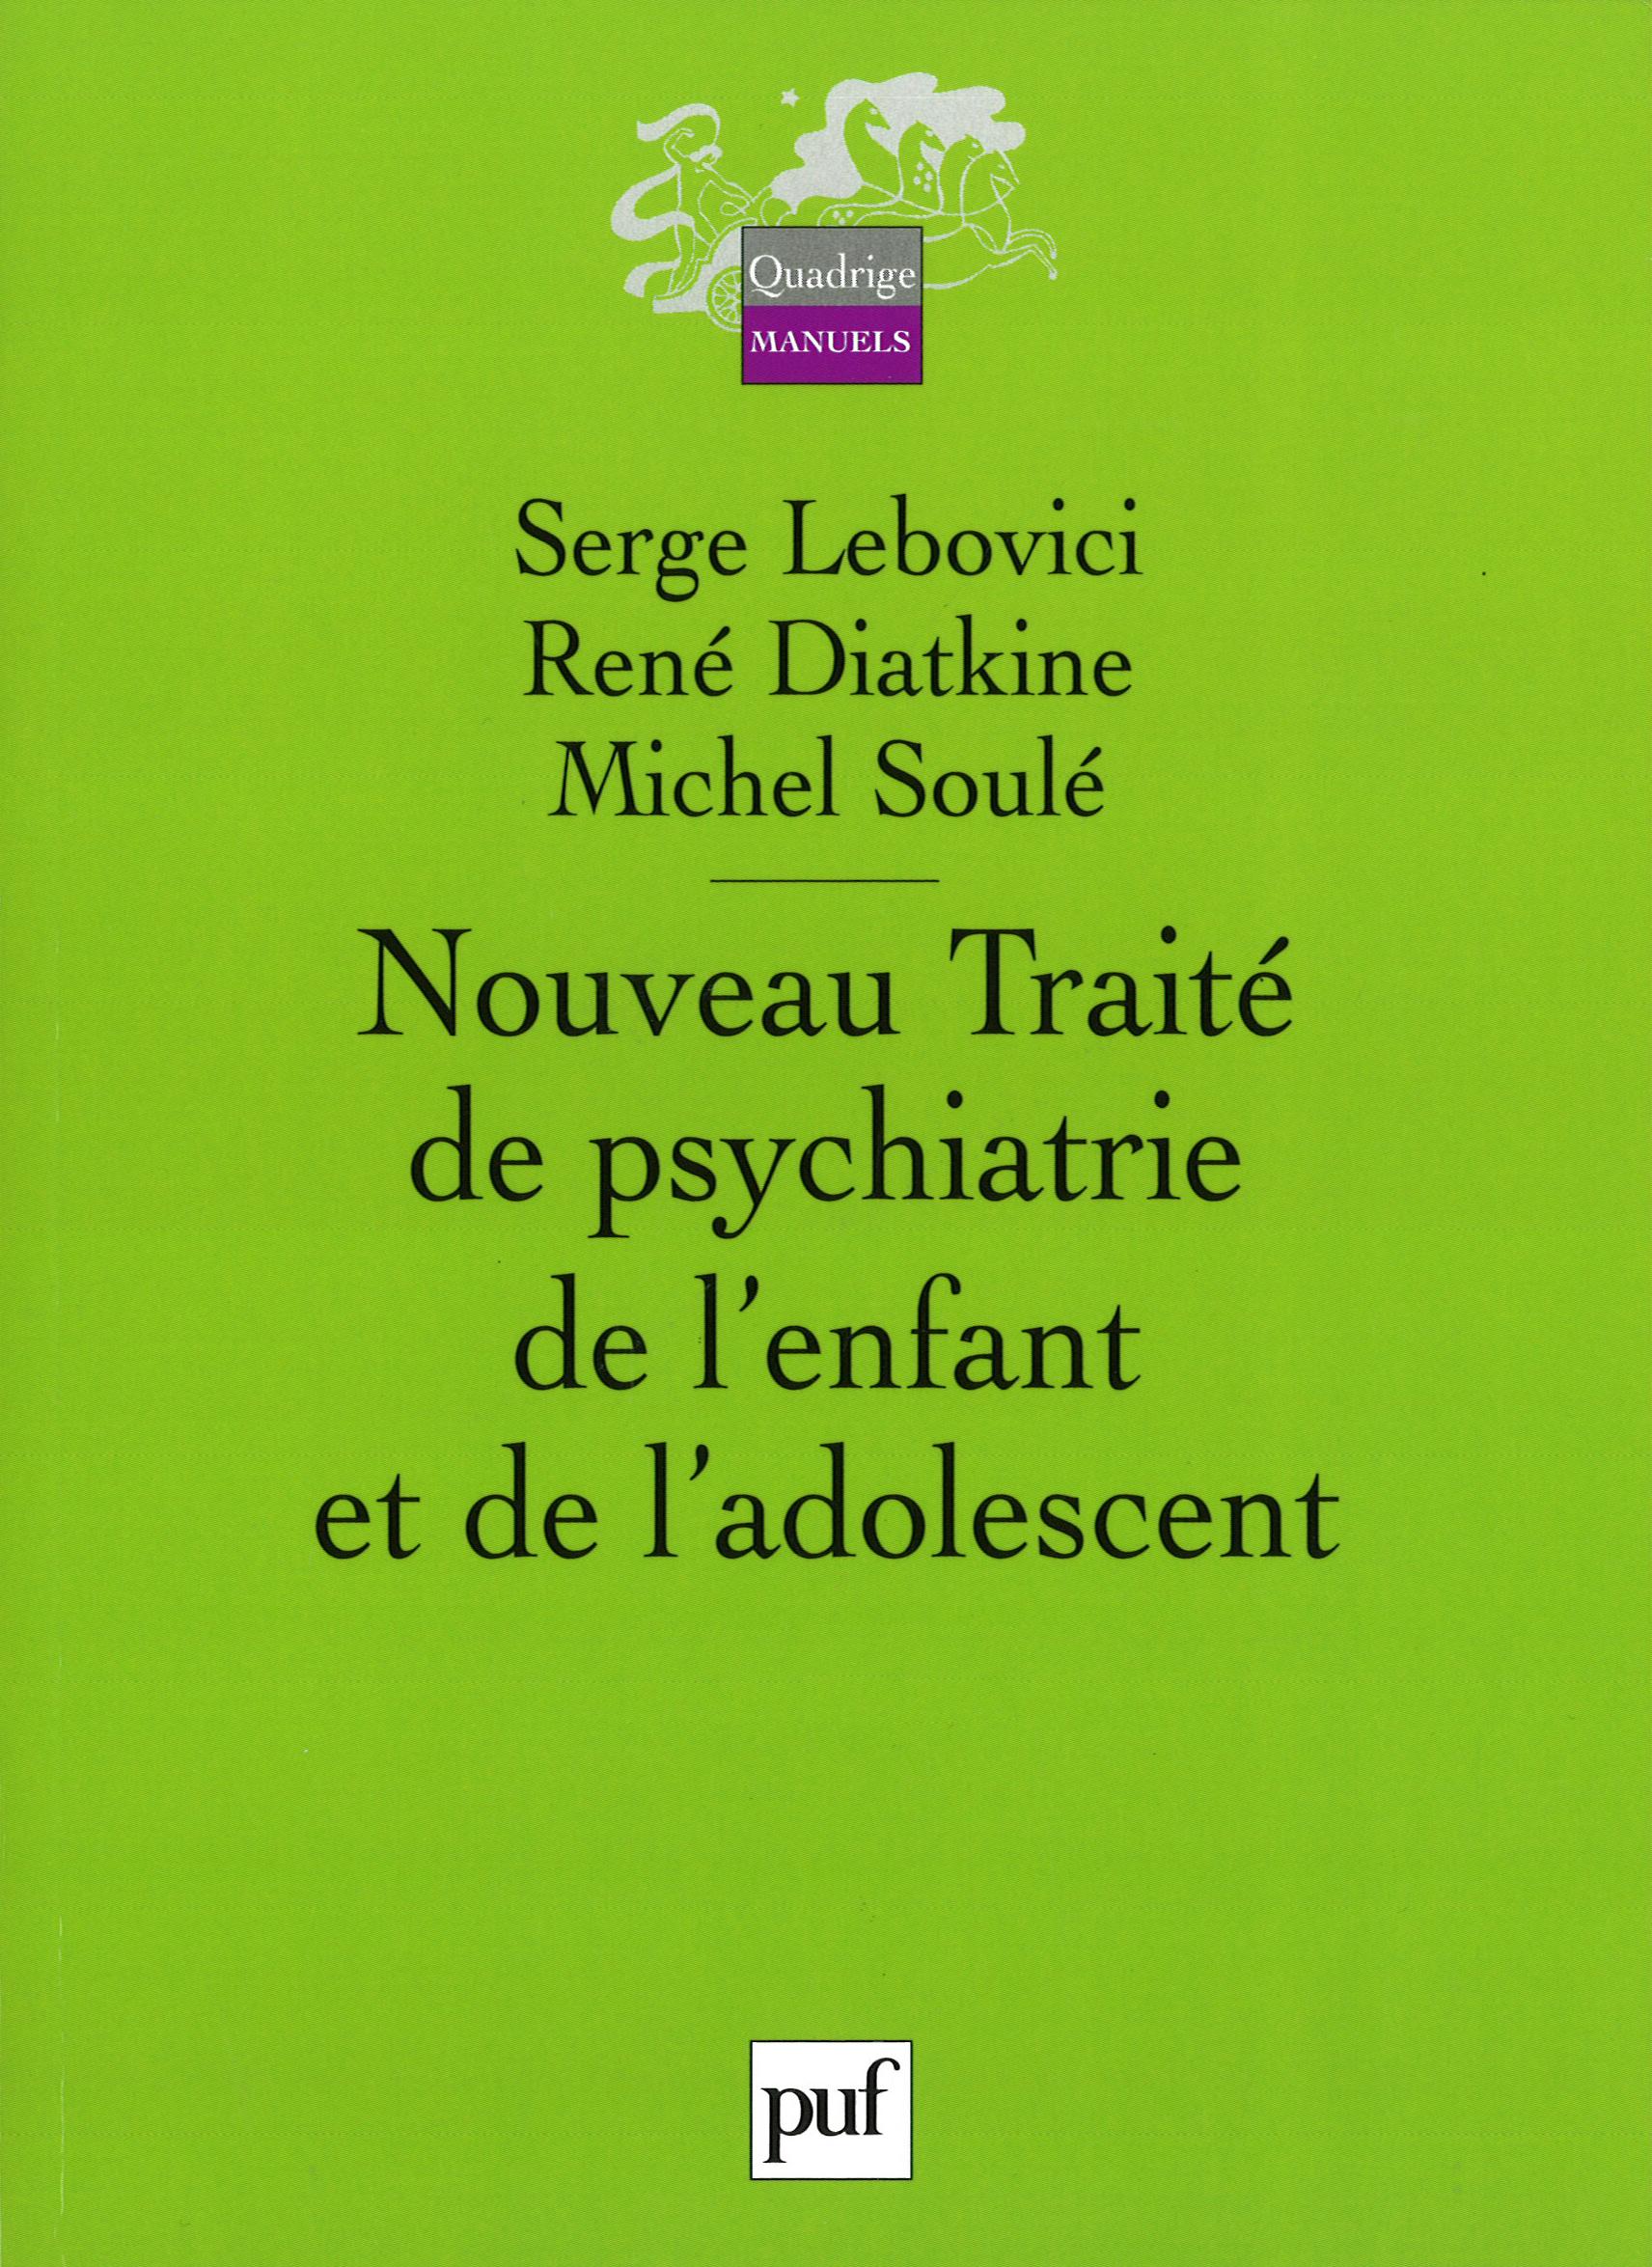 Nouveau Traite De Psychiatrie De L Enfant Et De L Adolescent Serge Lebovici Rene Diatkine Michel Soule Cairn Info